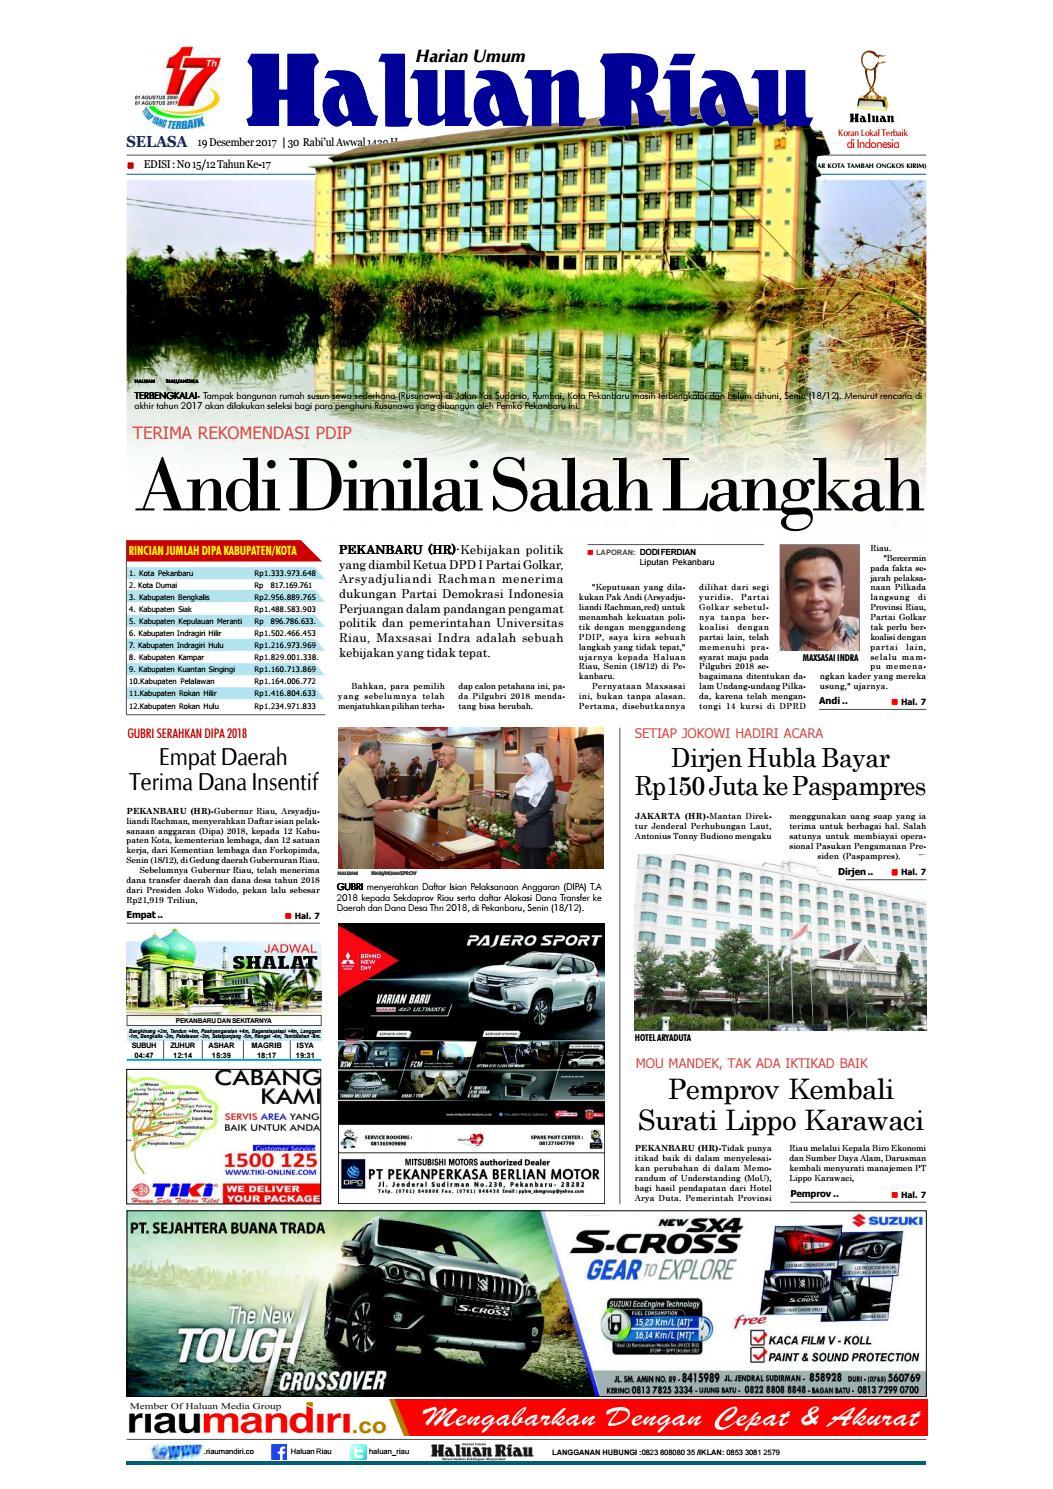 Haluanriau 2017 12 19 By Haluan Riau Issuu